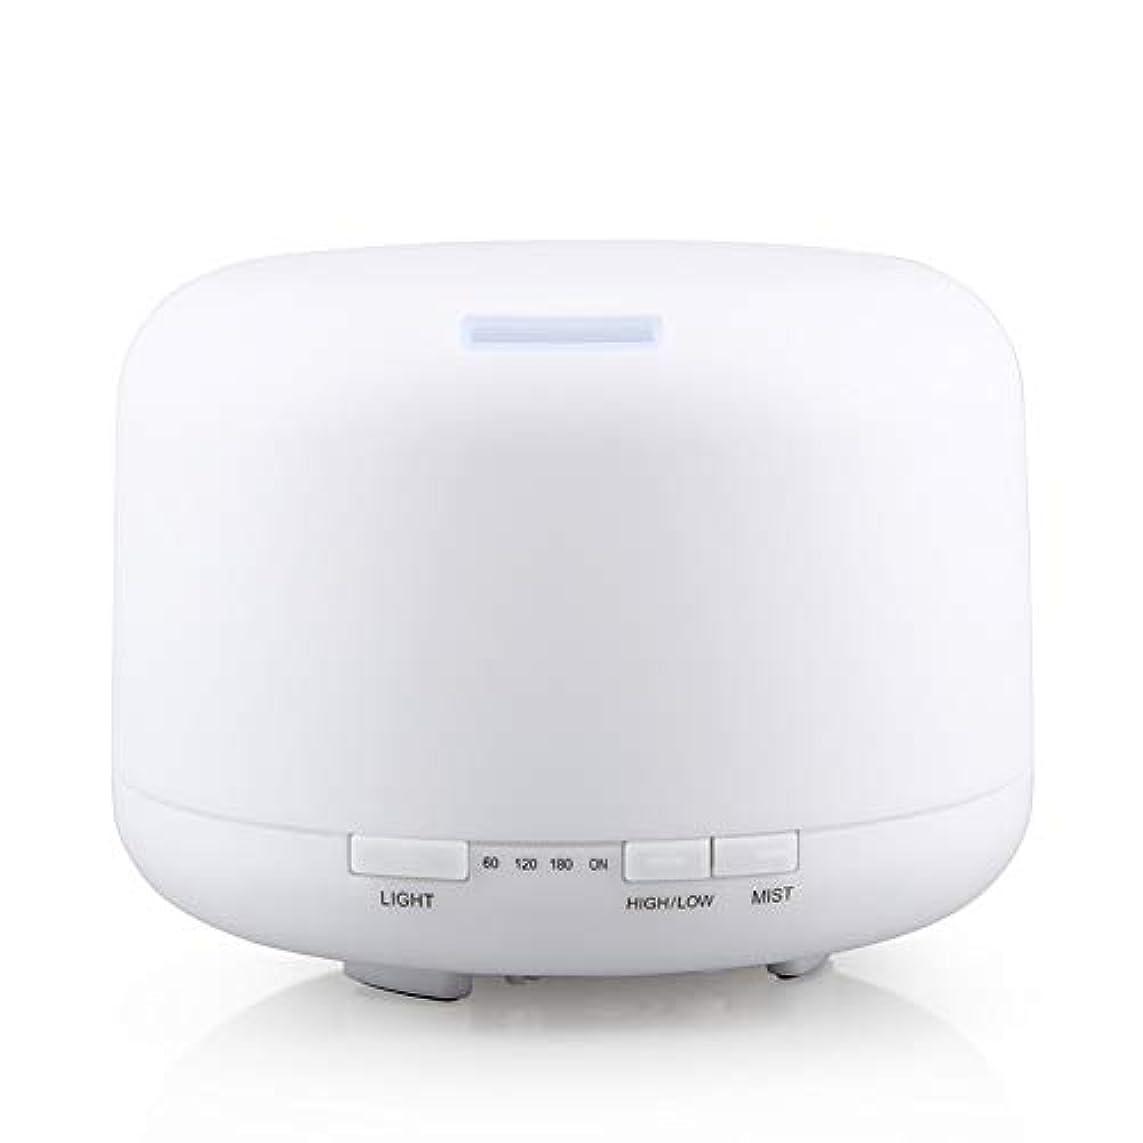 報復する伝染性のタオル500ml 家庭用加湿器プラグイン超音波アロマセラピーマシンエッセンシャルオイル加湿器ホームナイトライト